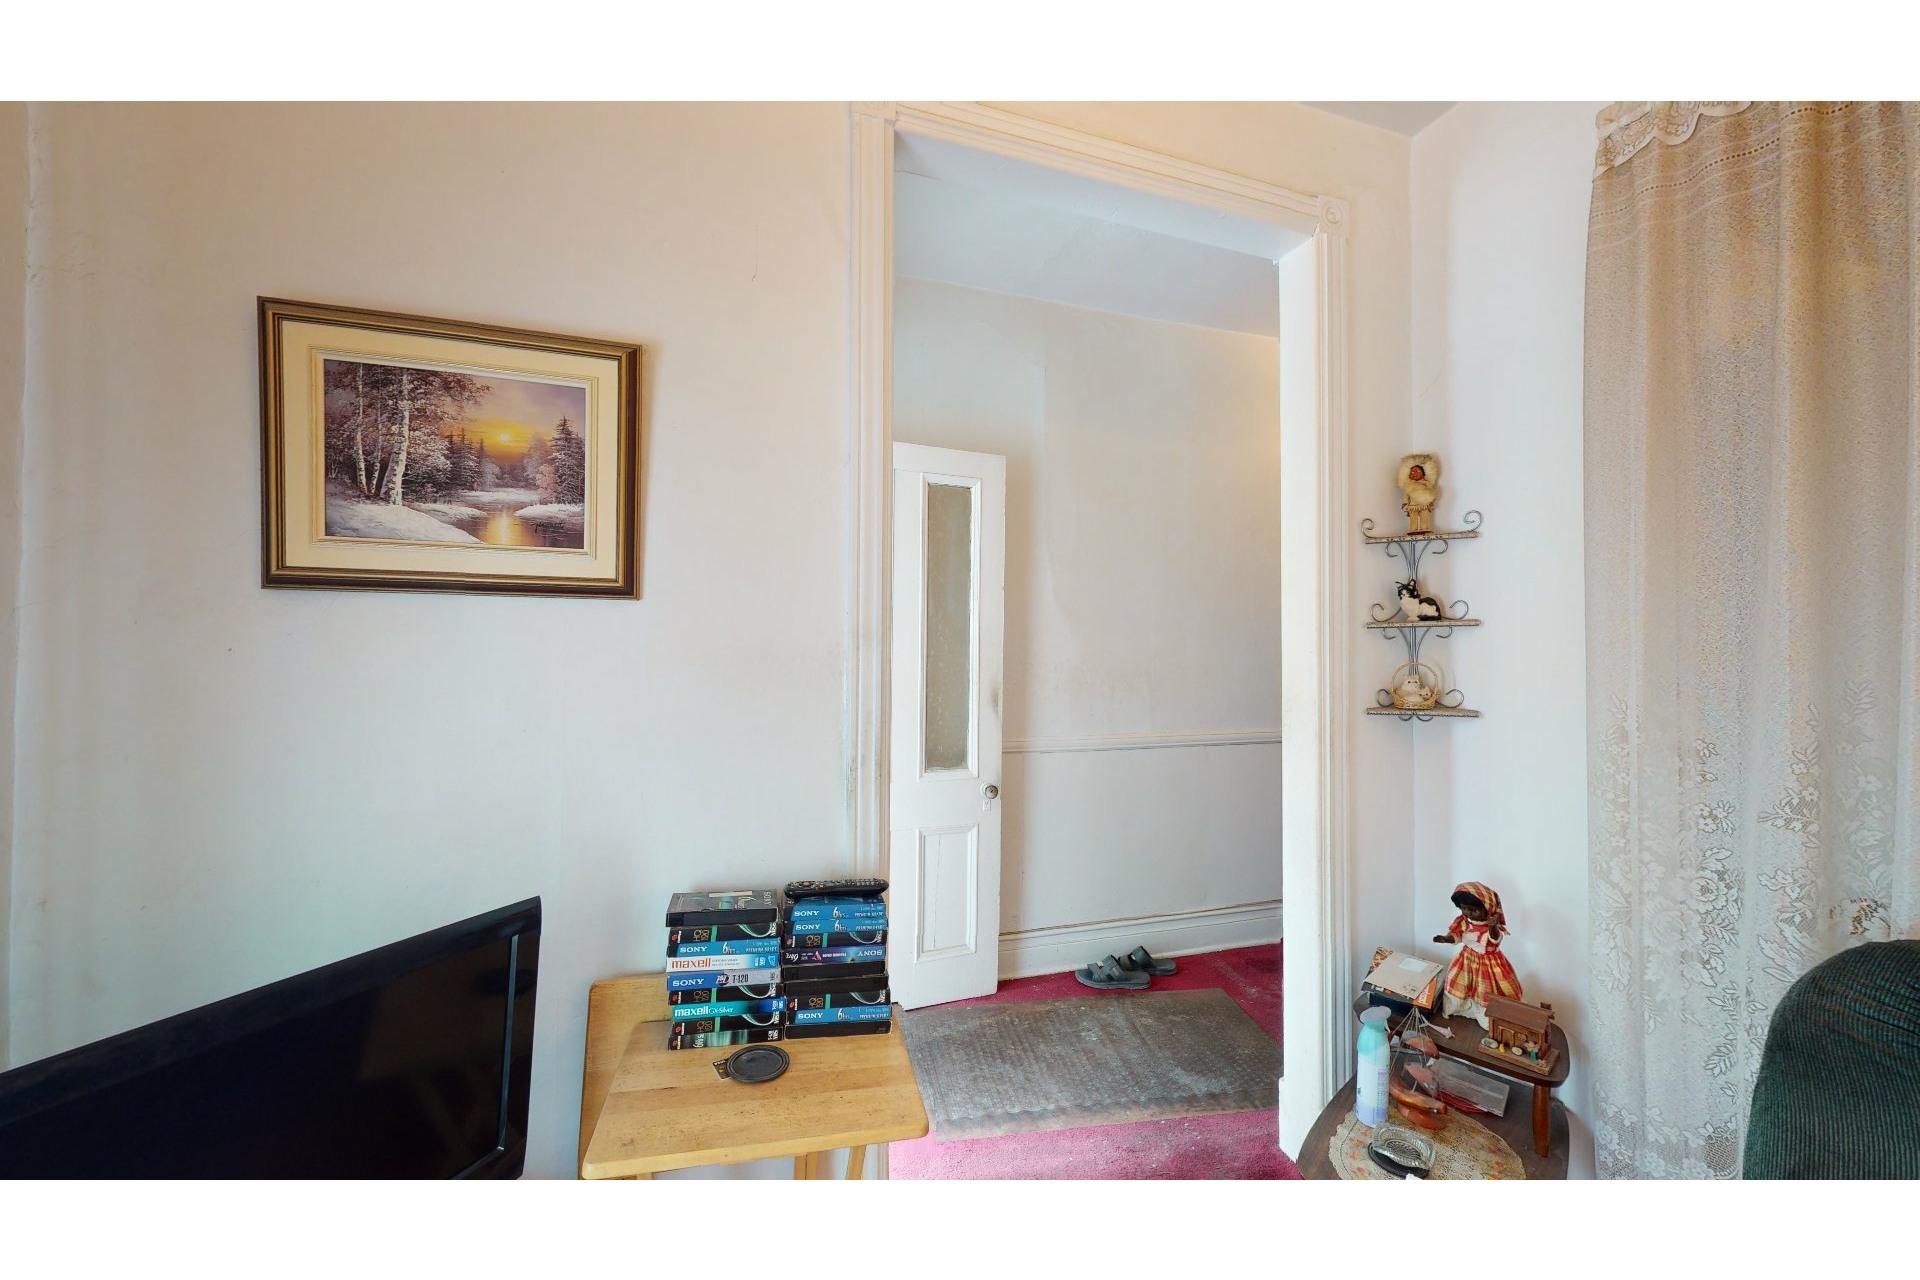 image 24 - Duplex À vendre Rosemont/La Petite-Patrie Montréal  - 4 pièces